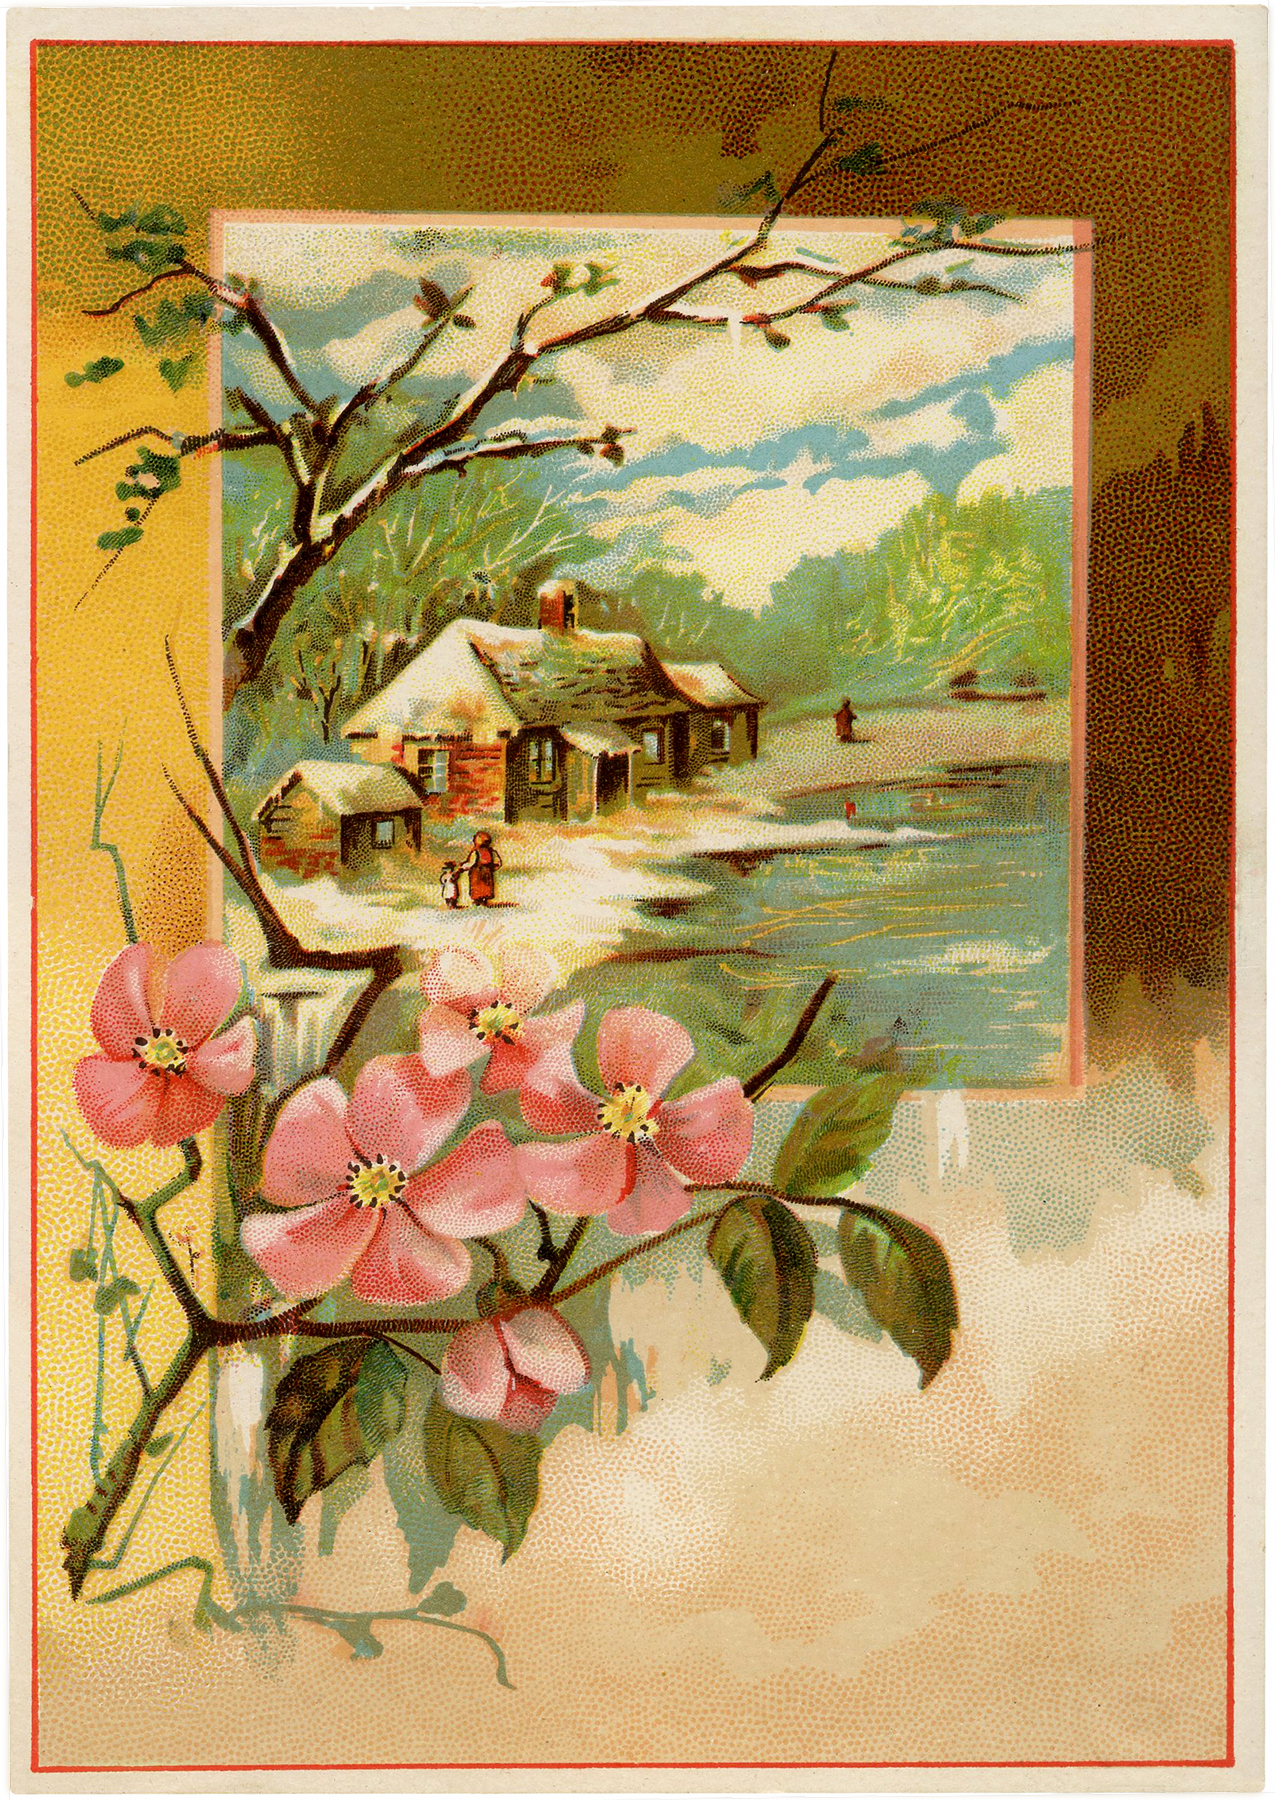 Vintage Winter Cabin Image